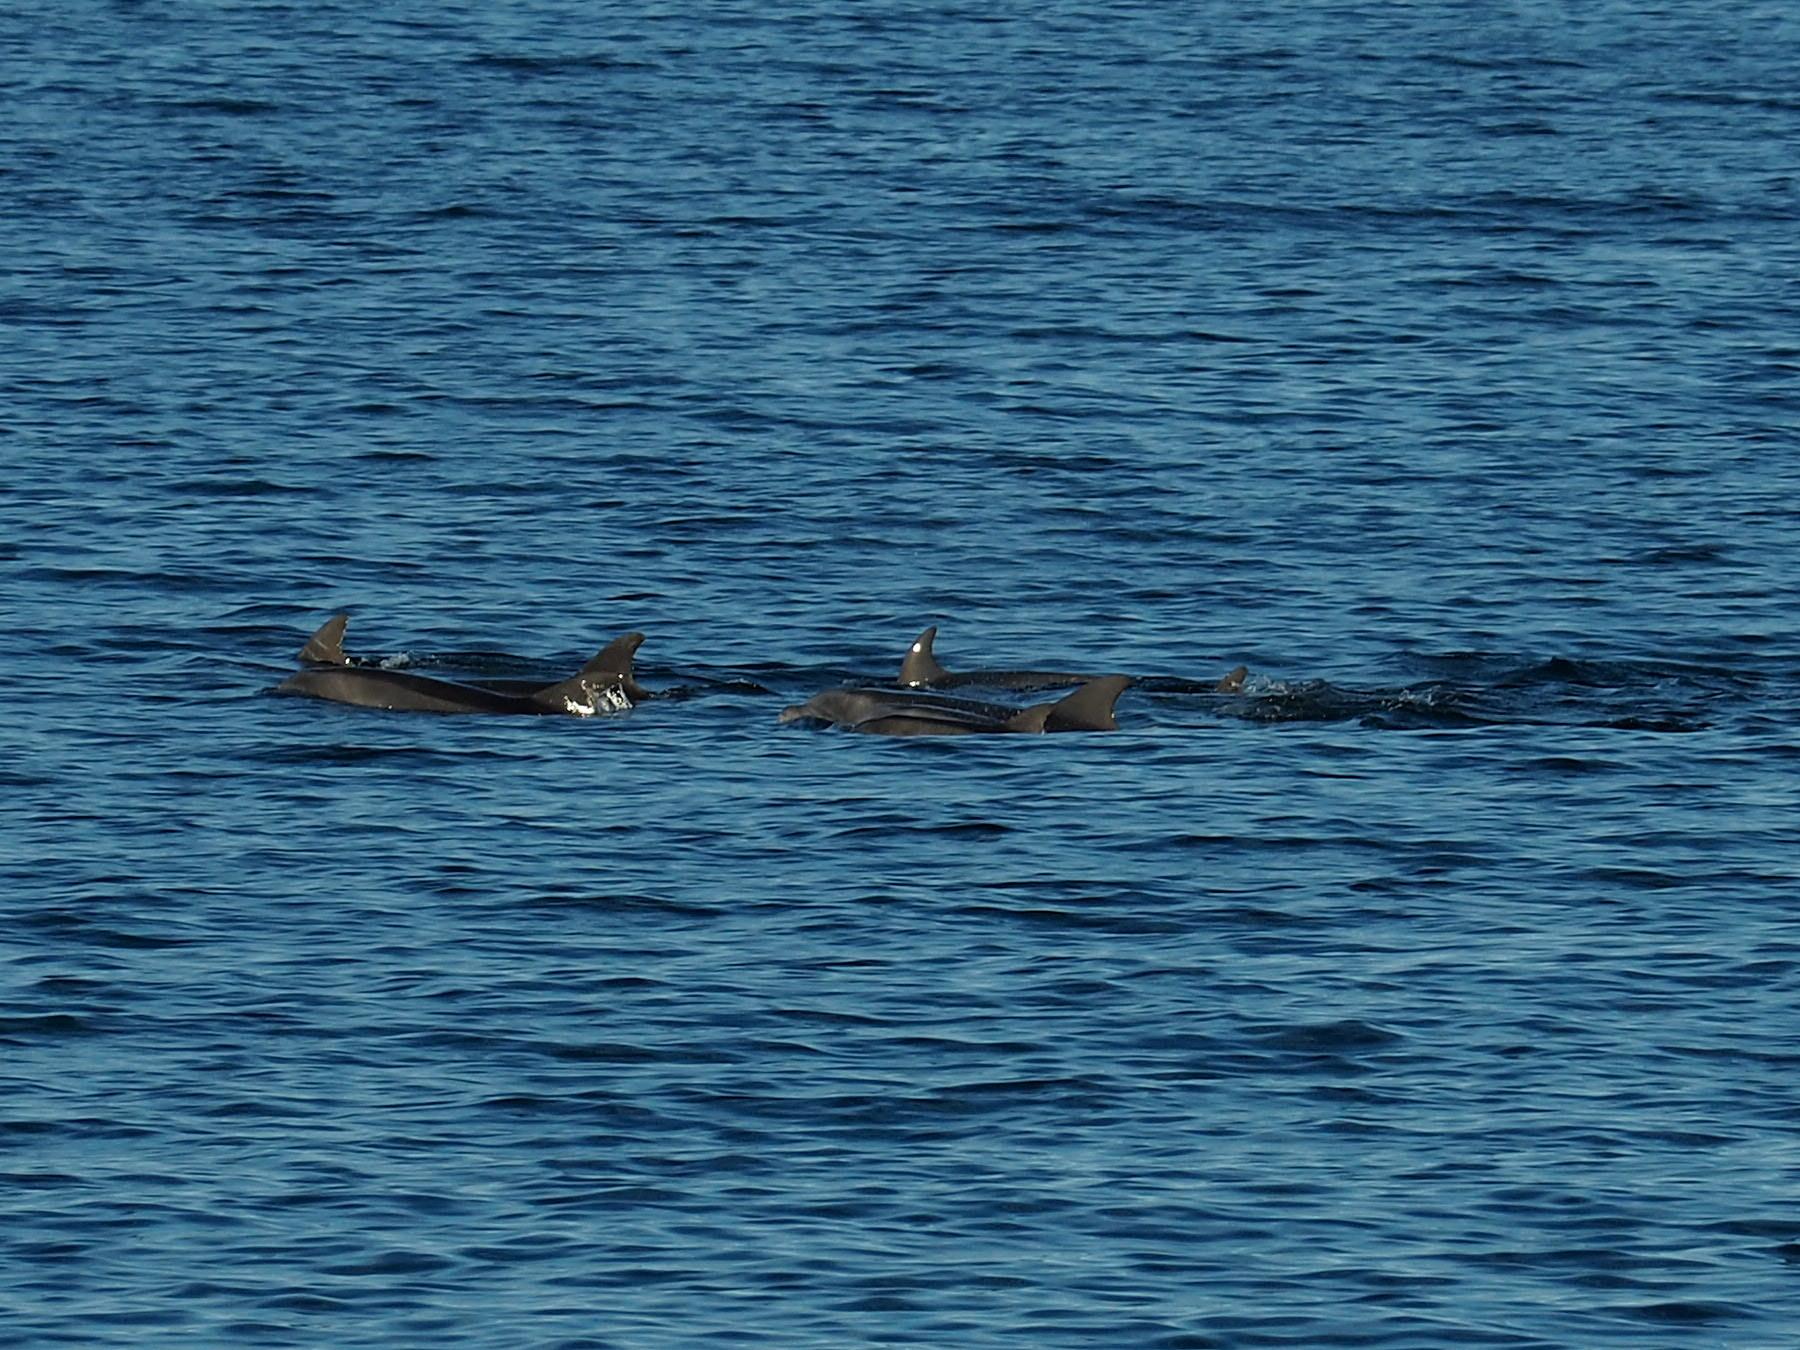 Delphine auf der Jagd